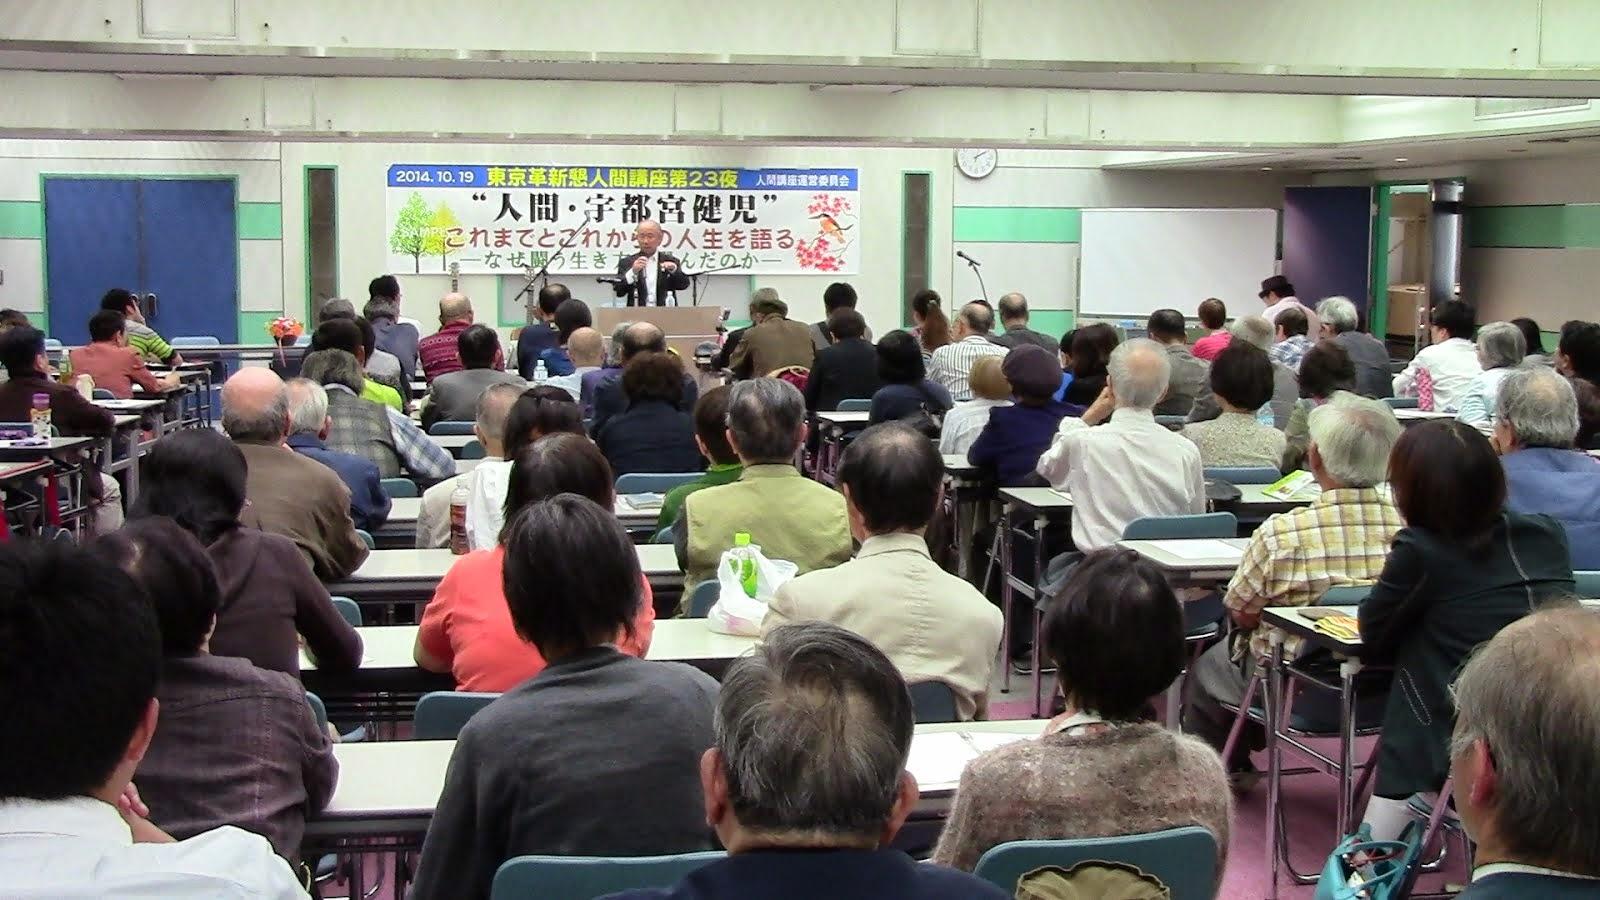 宇都宮健児さんの人間講座に165人。ご協力ありがとうございました。